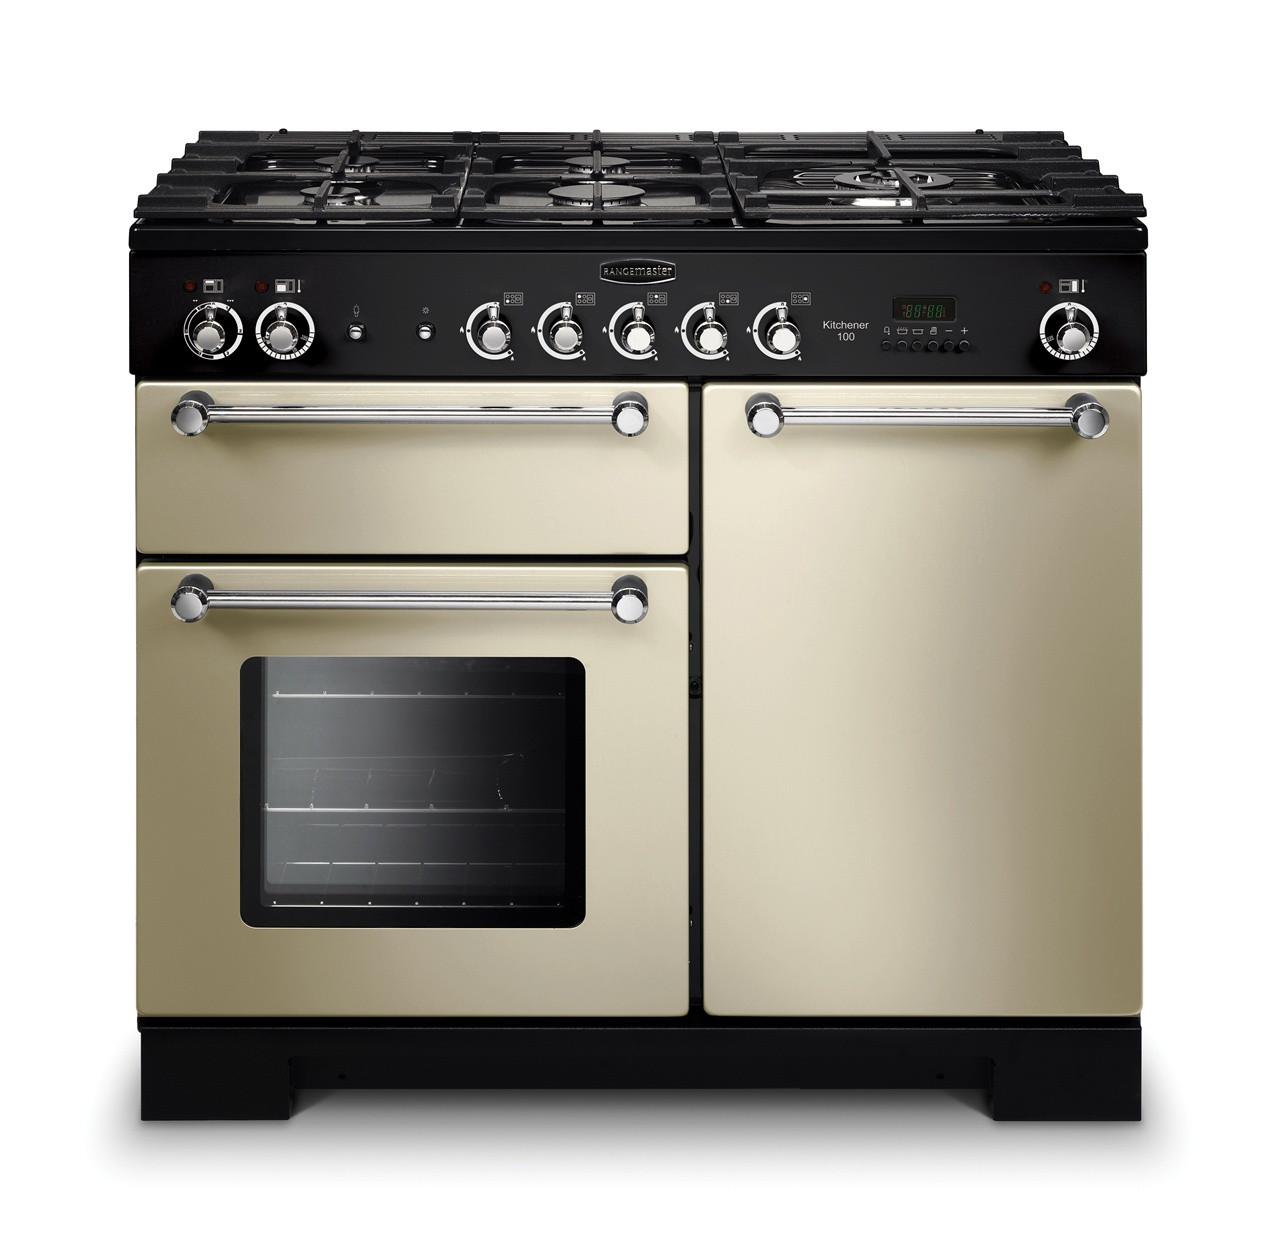 Rangemaster Kitchener 100 Dual Fuel Cream Range Cooker KCH100DFFCR/C 98800